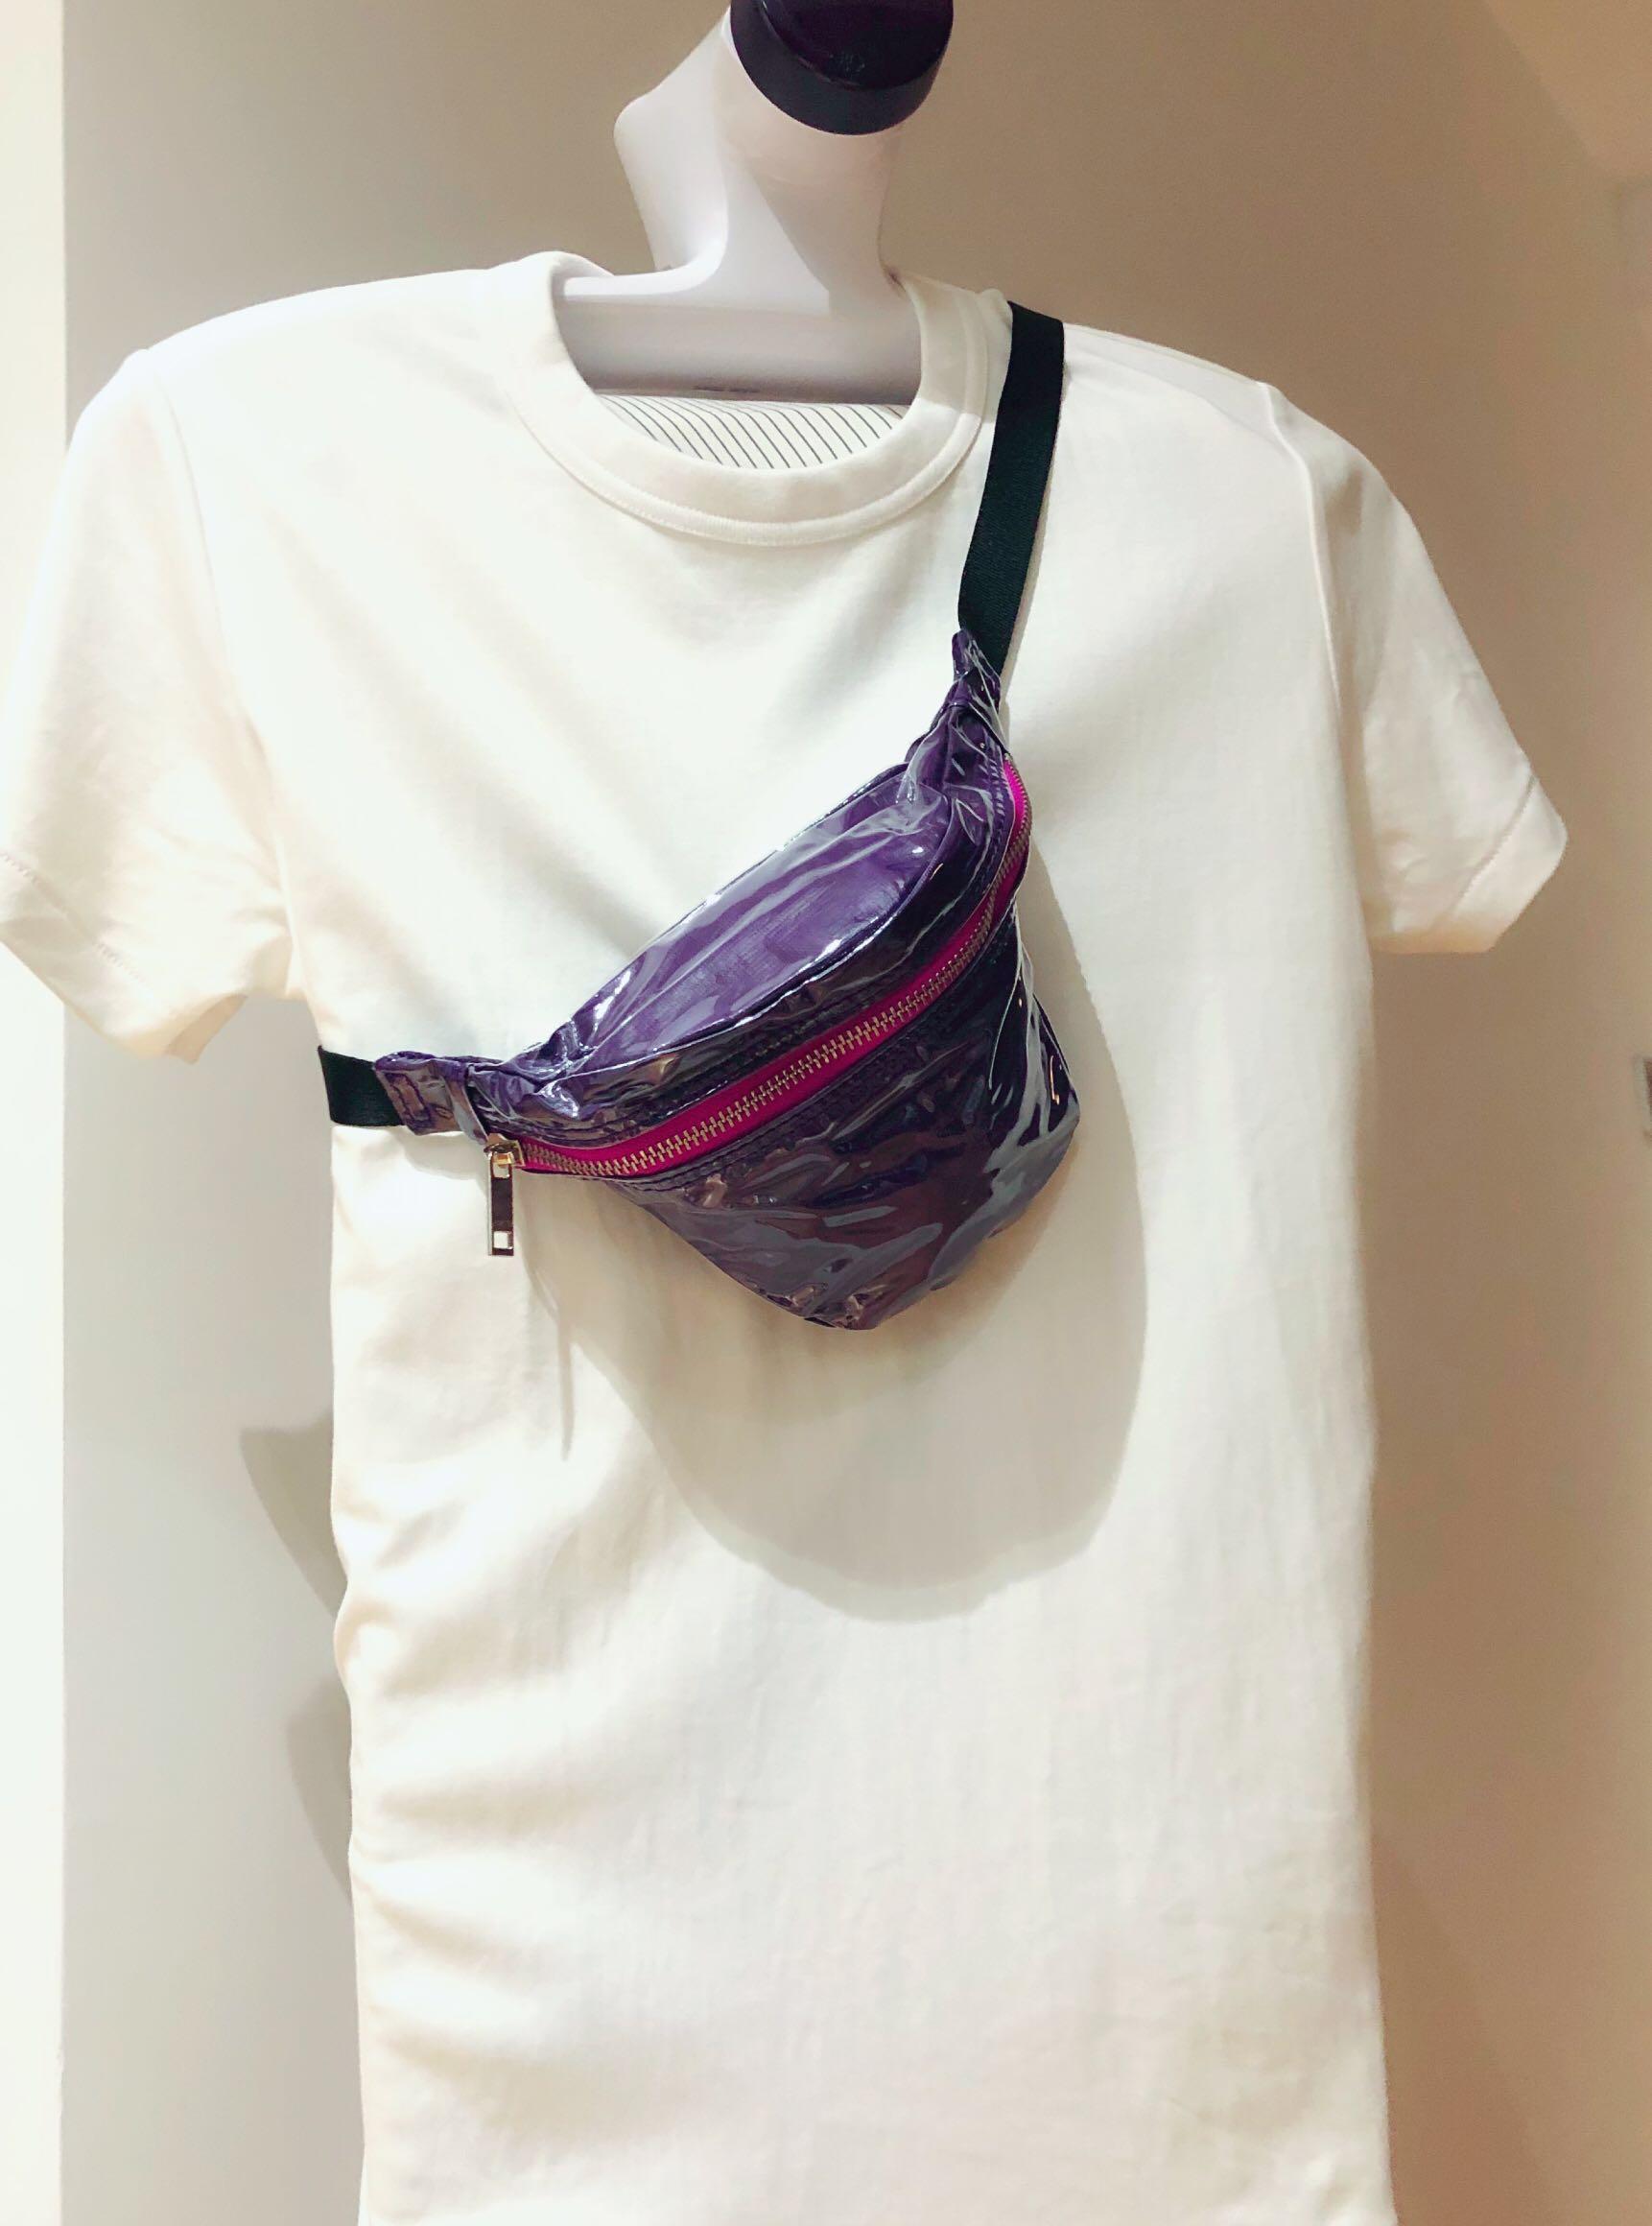 🇯🇵[New] Head Porter shoulder bag / waist bag 斜孭袋 / 腰包 100% real & new